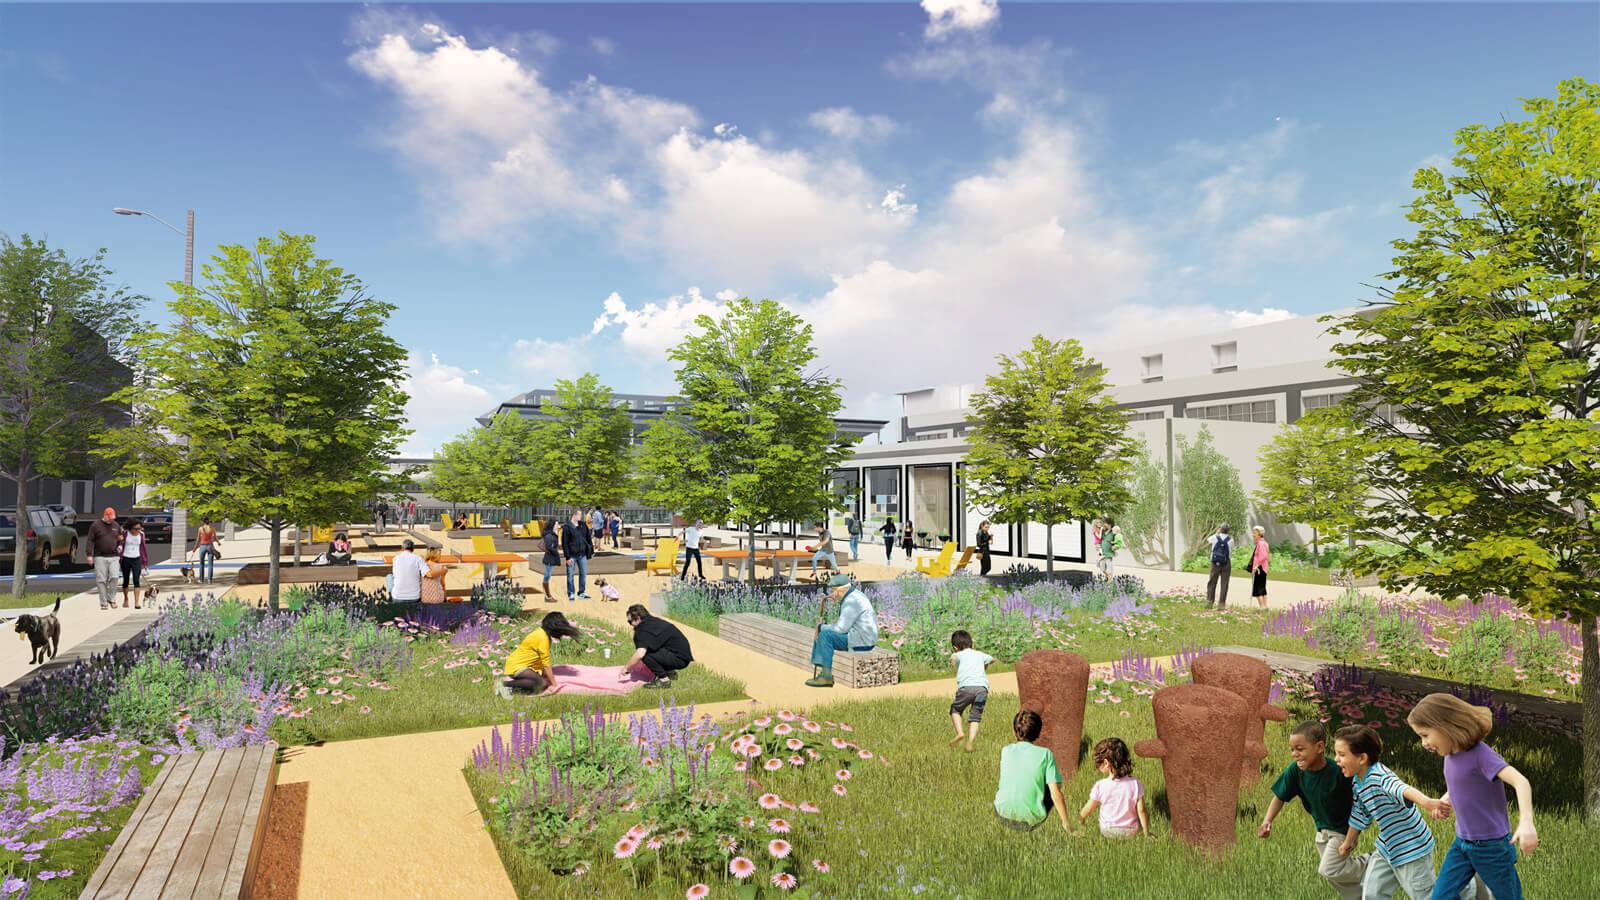 Art Landscape Architecture April Philips Design Works